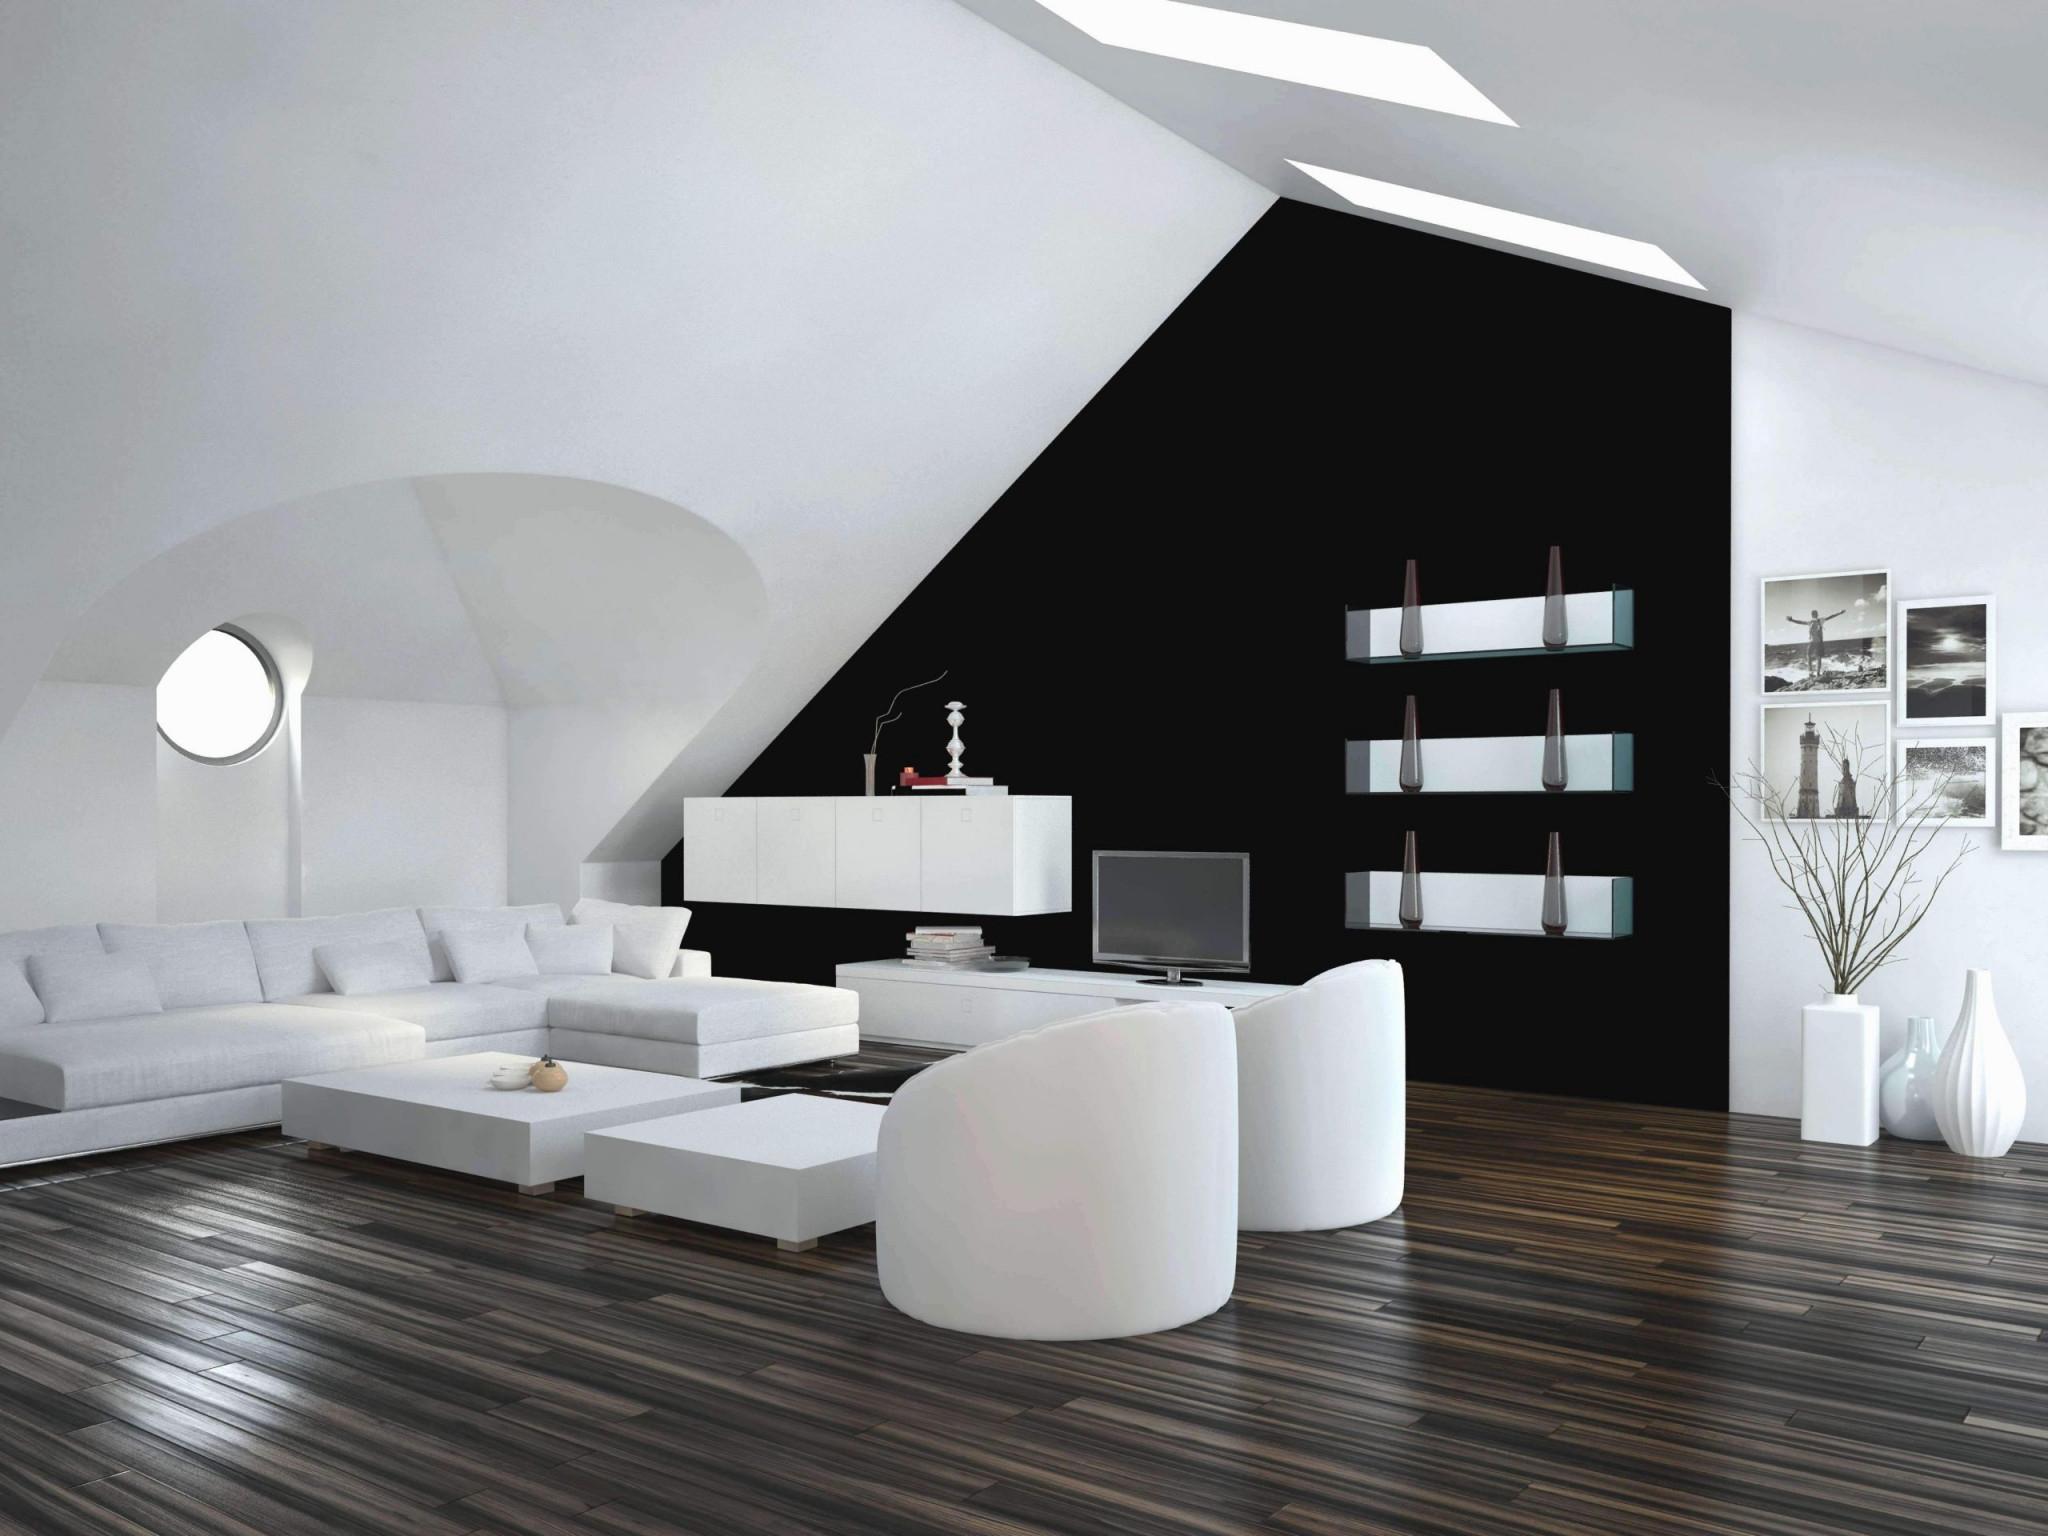 Dachgeschoss Wohnzimmer Schön Steinwand Wohnzimmer Selber von Wohnzimmer Ideen Dachgeschoss Bild